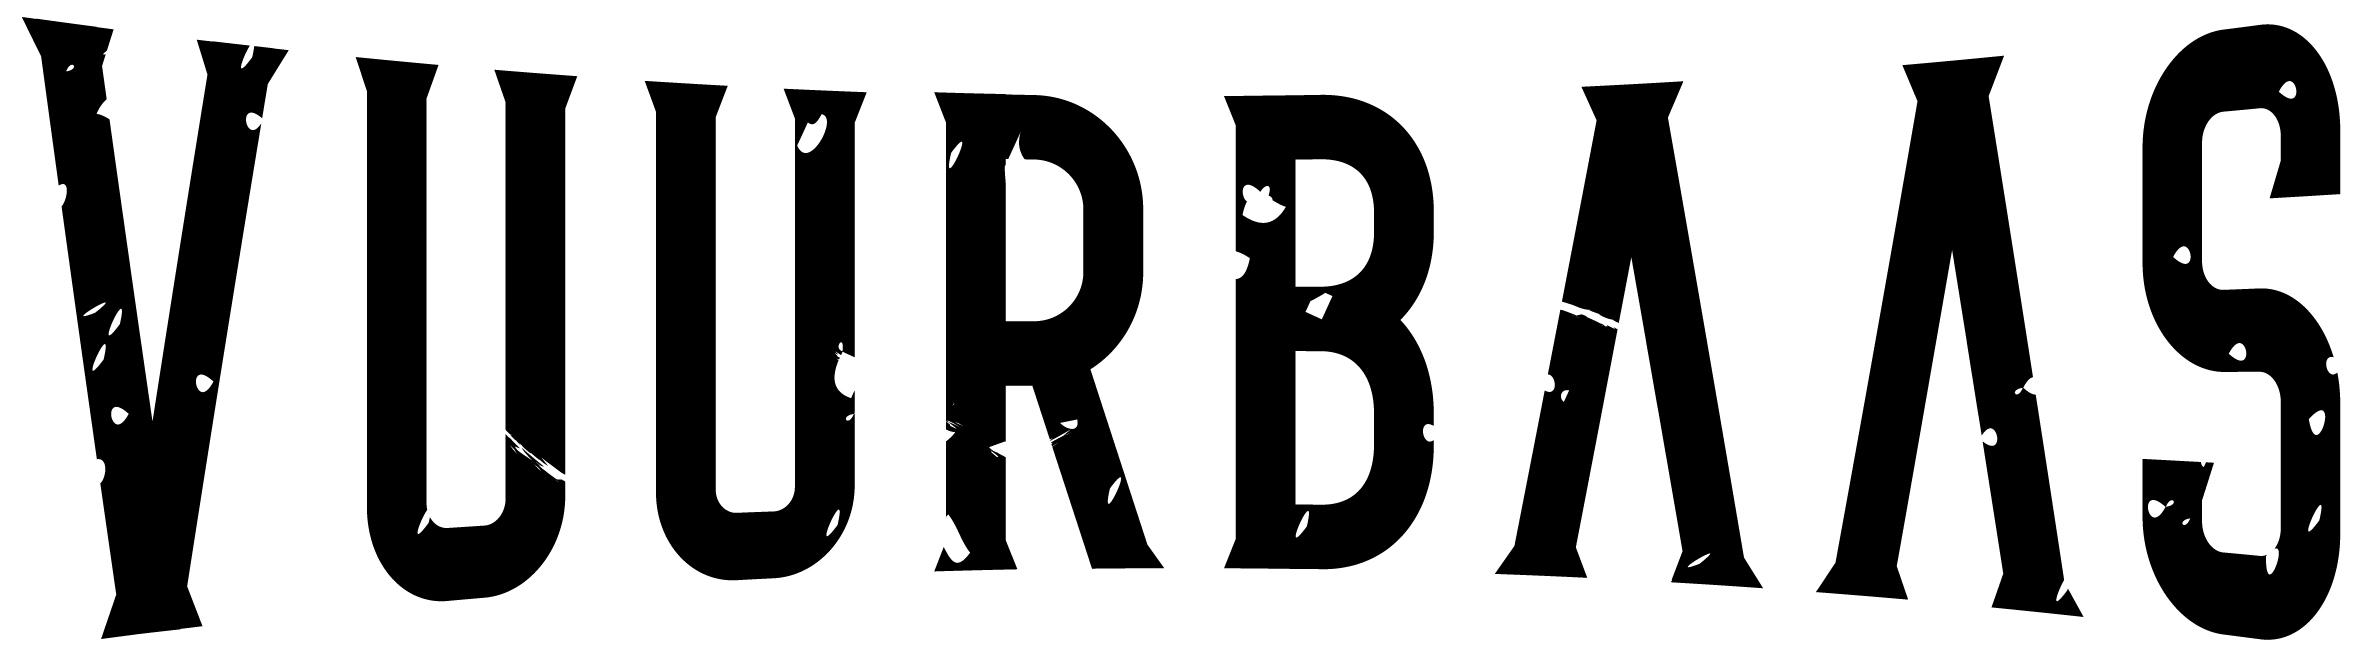 Vuurbaas logo